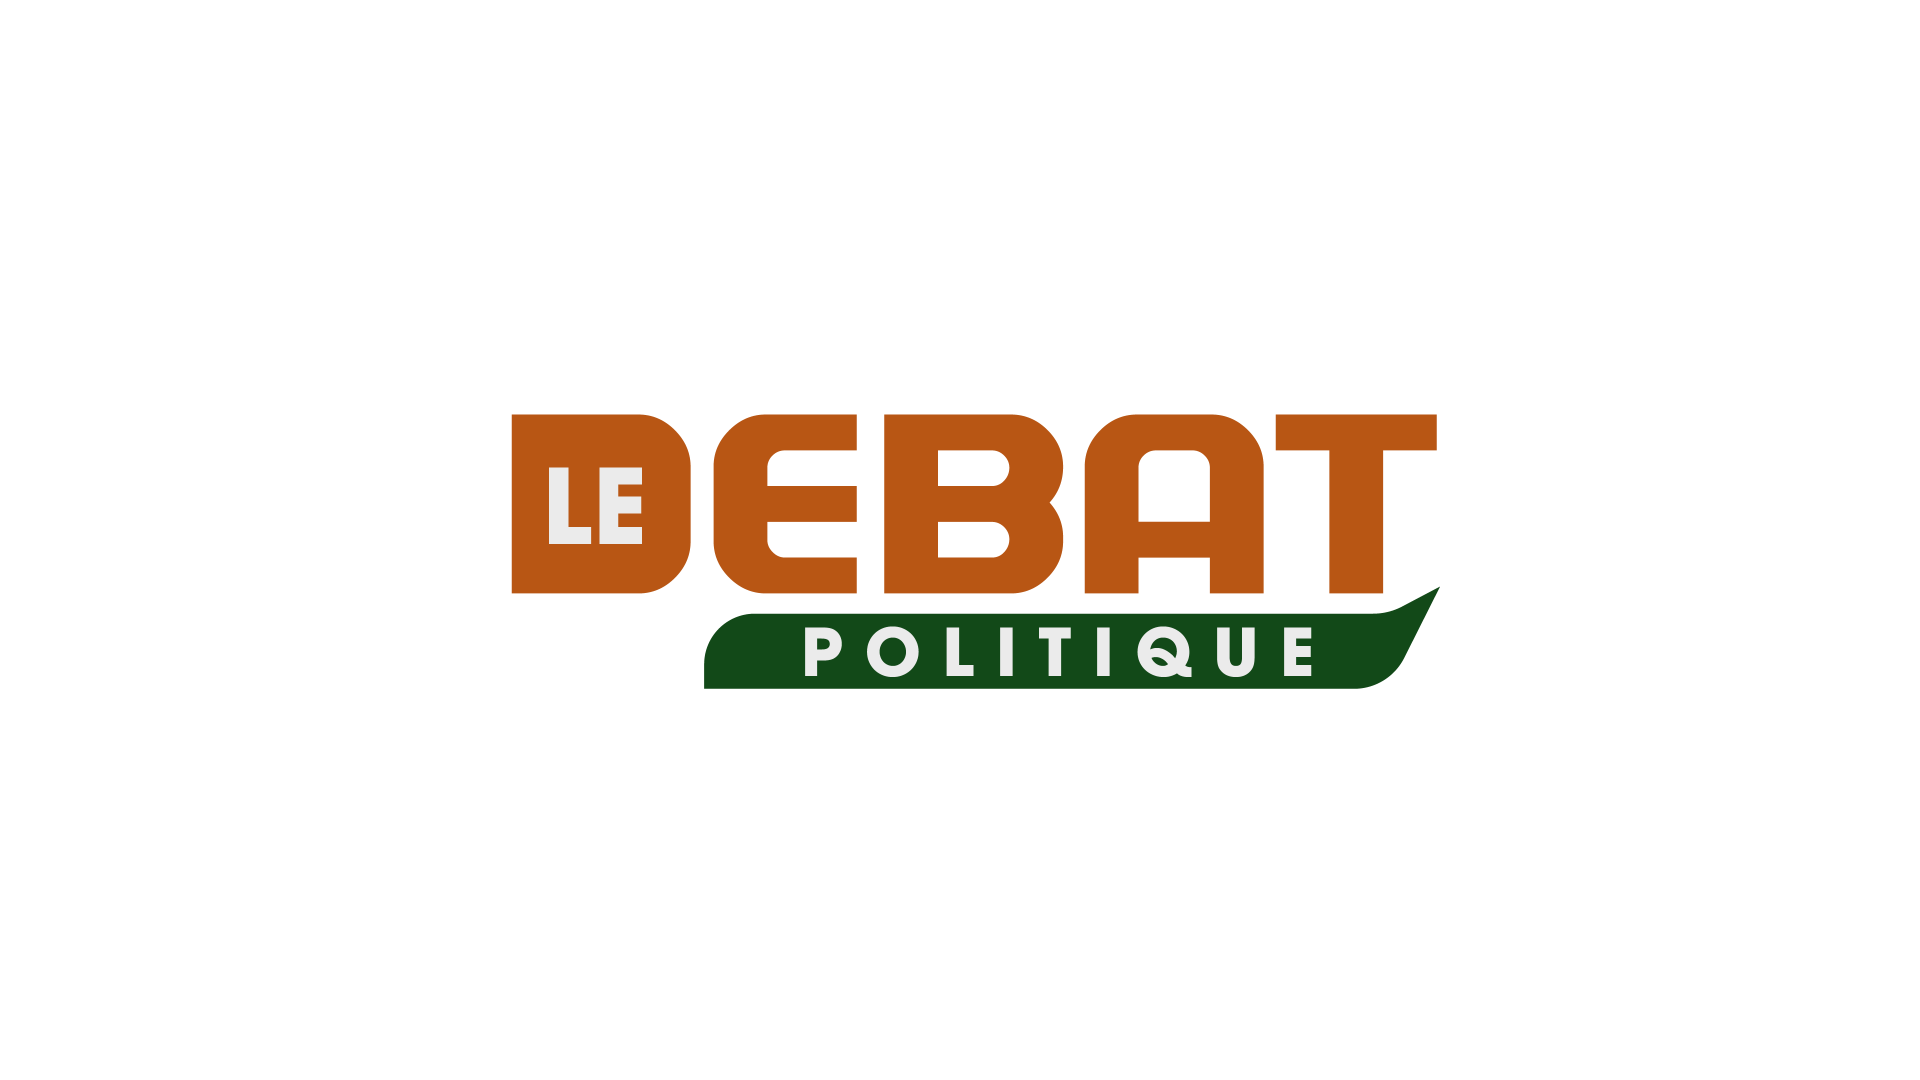 LE DEBAT POLITIQUE